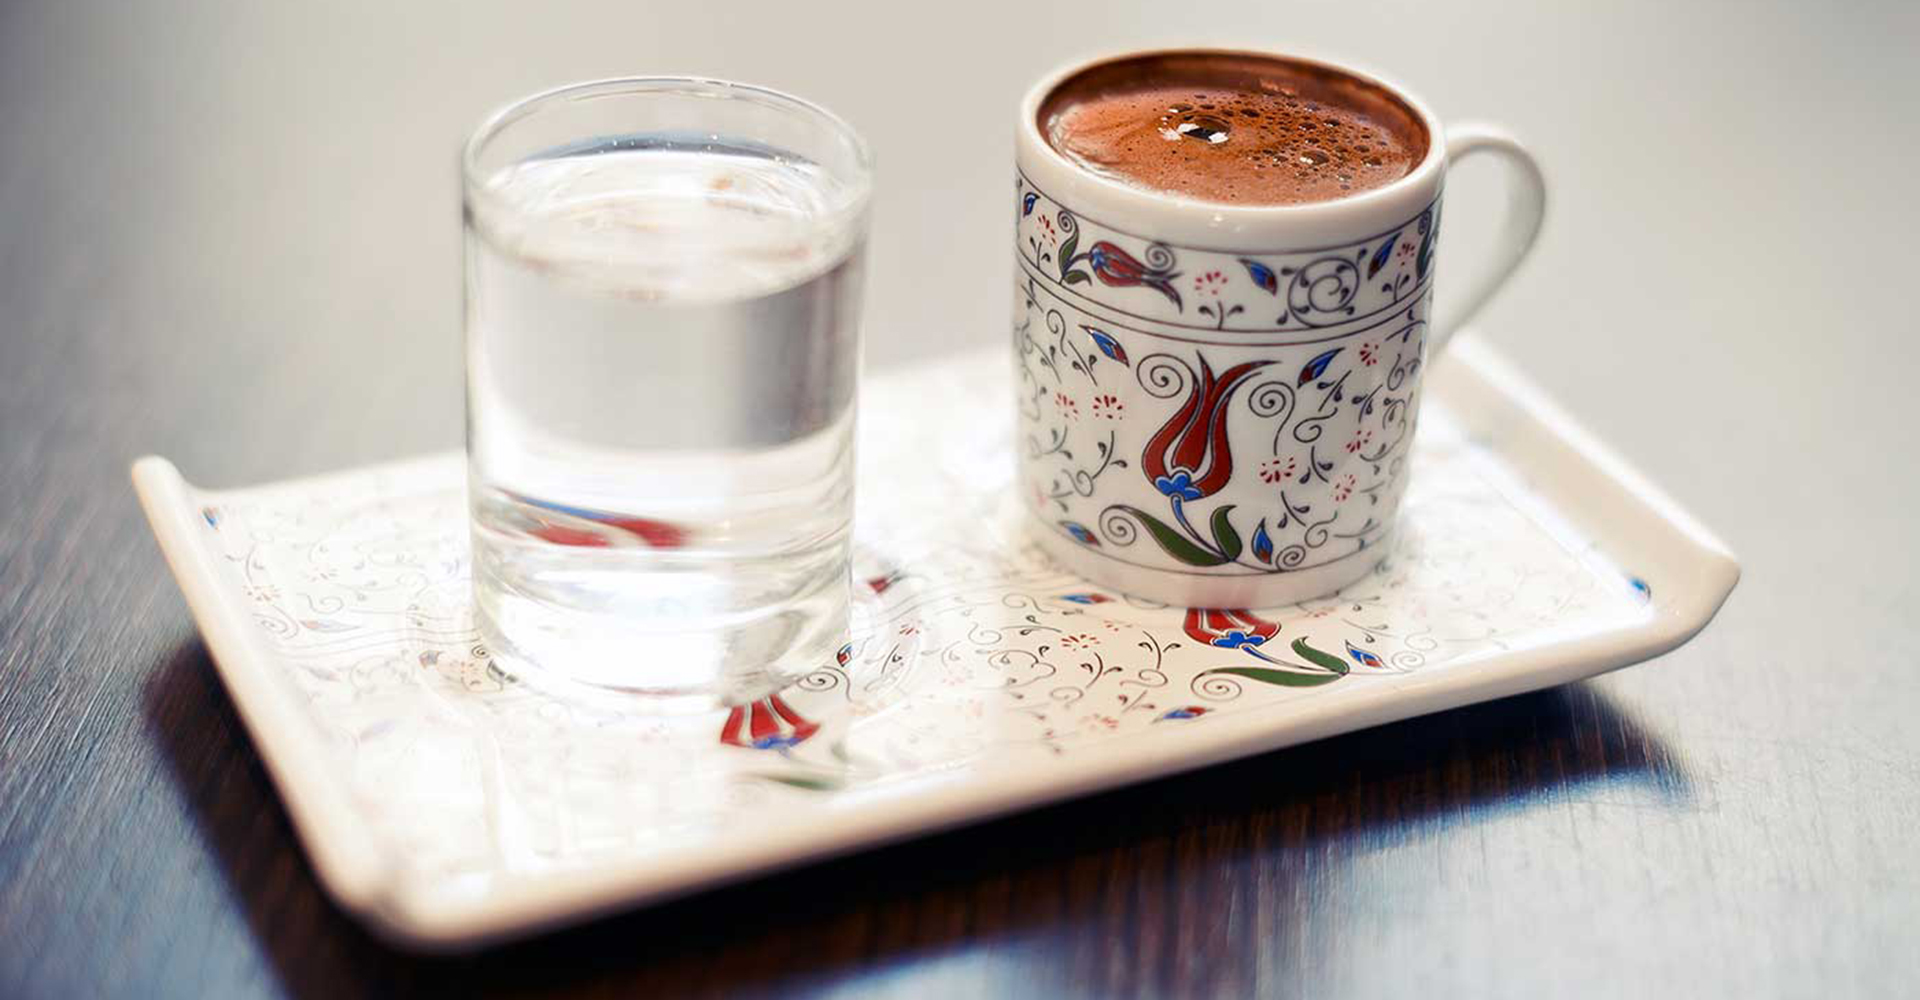 amida-kolgrill-turkisk-kaffe